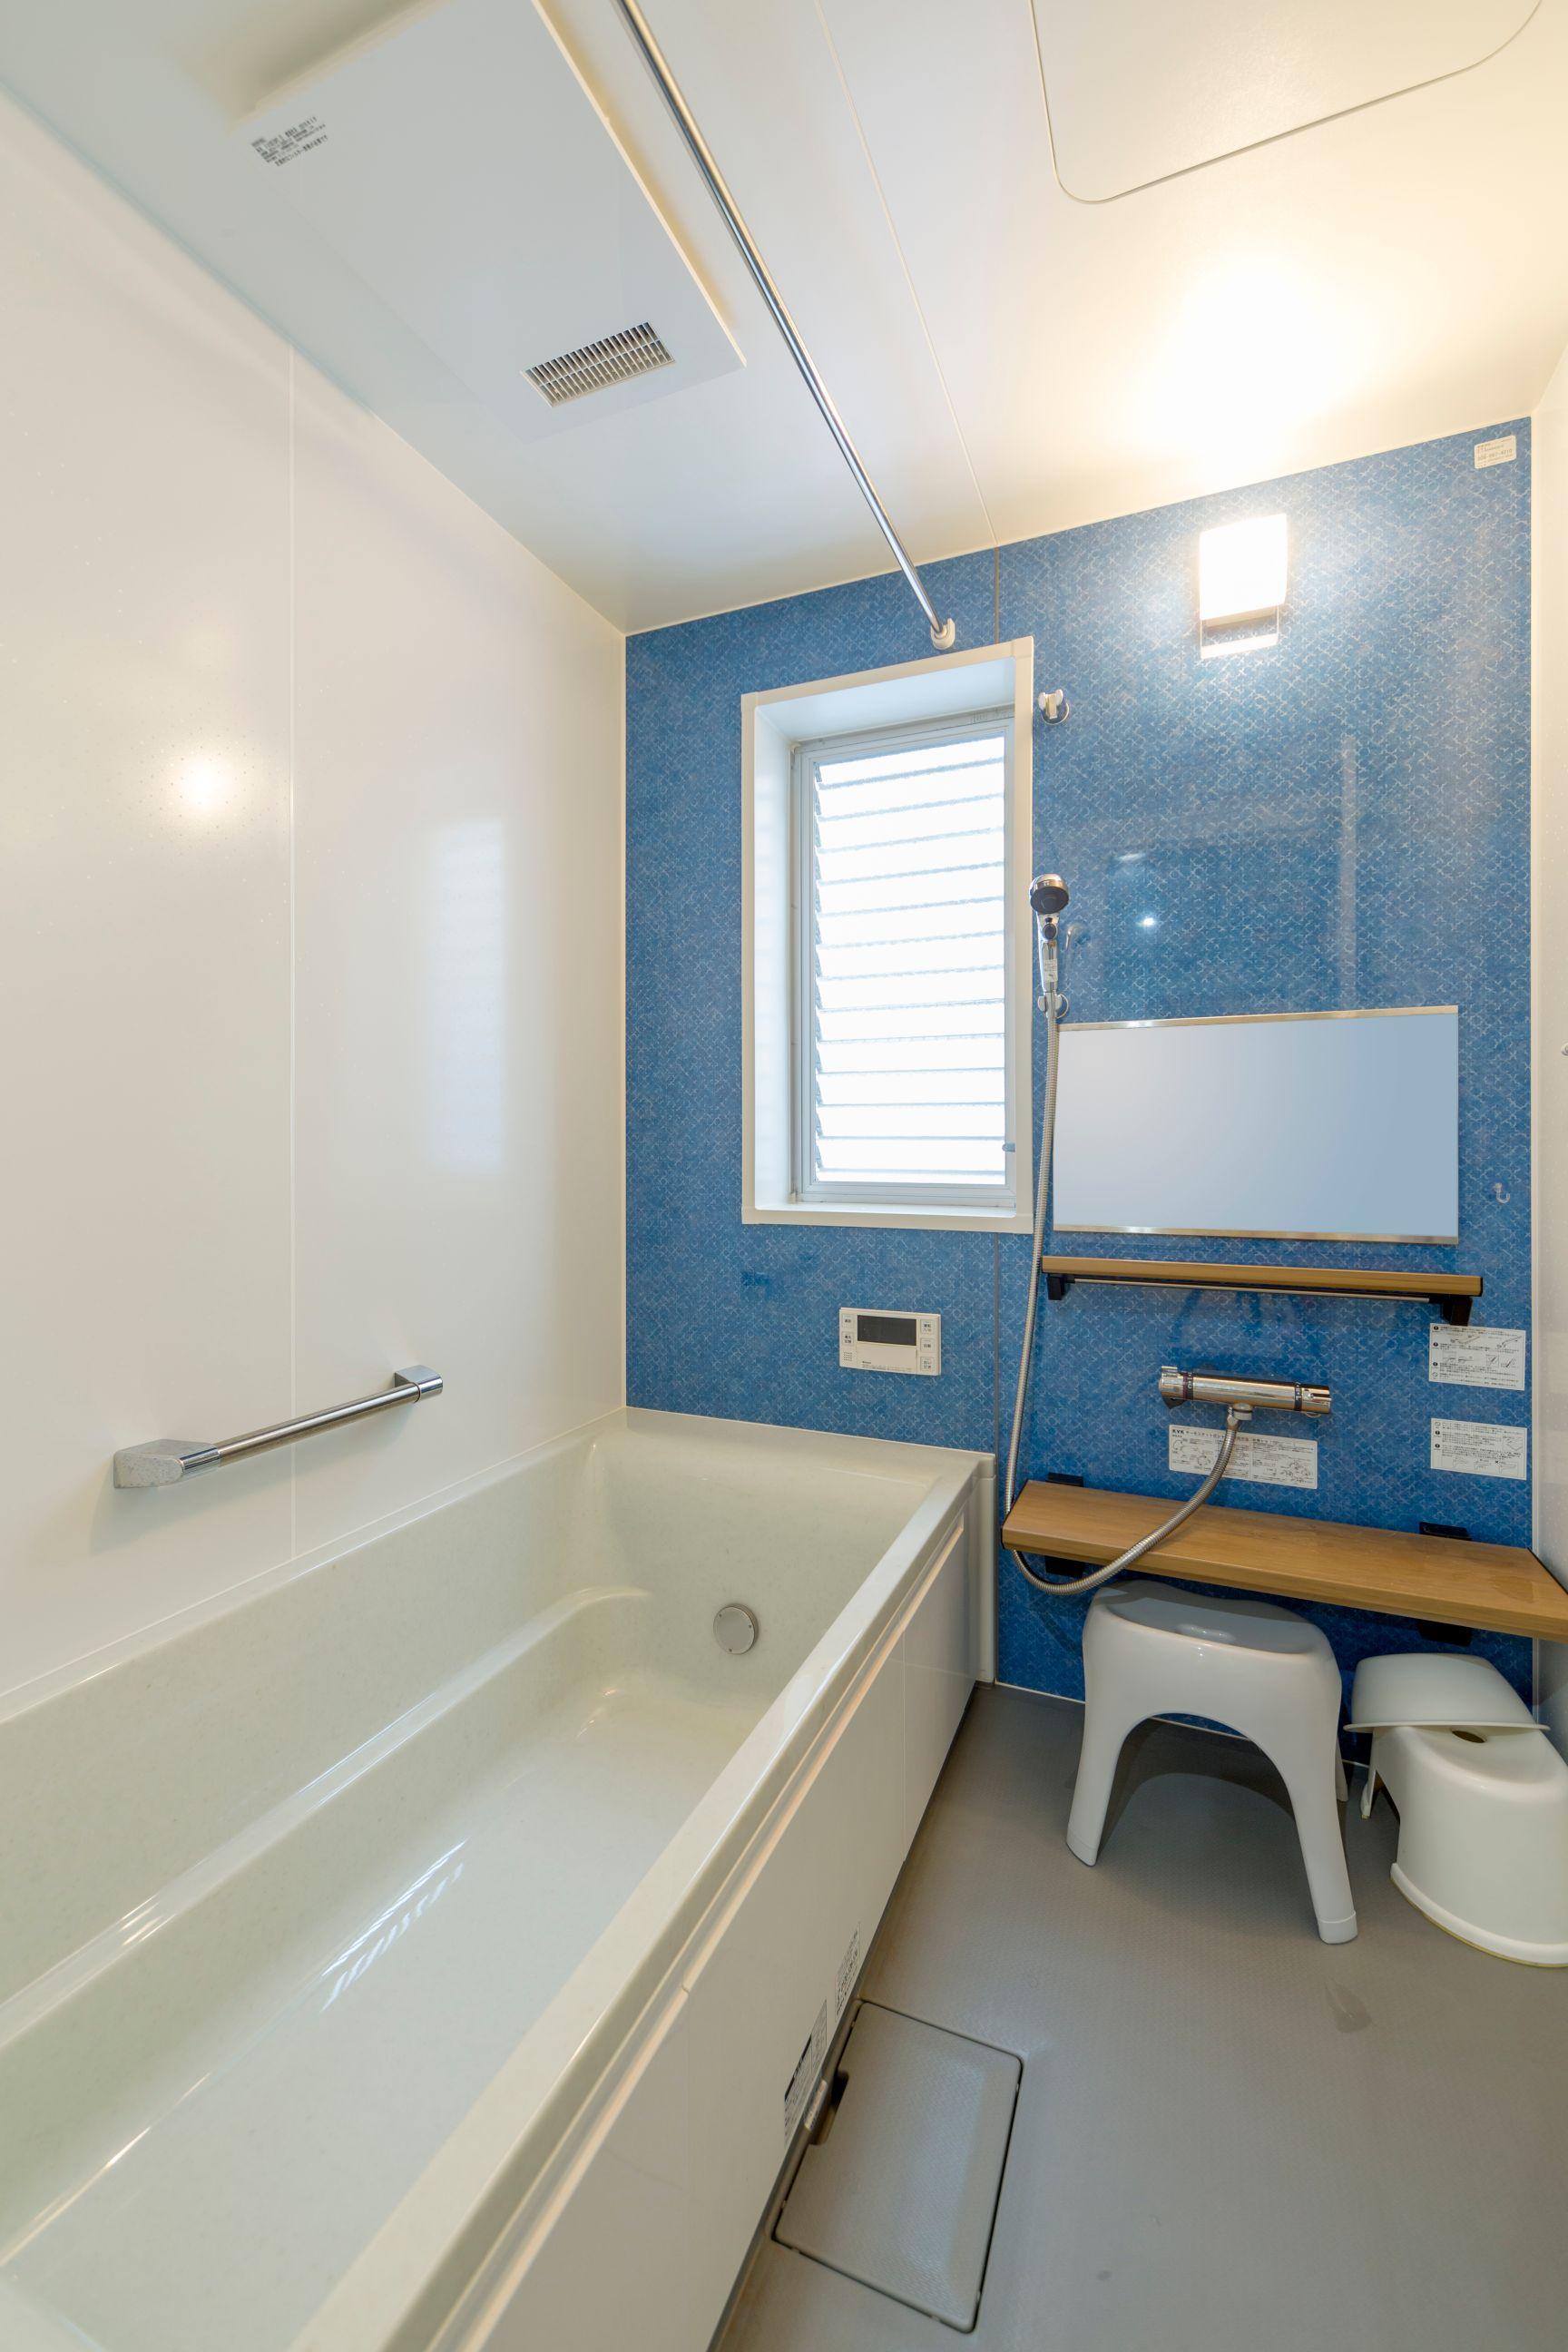 【広島市】デニムのようなブルーのお風呂